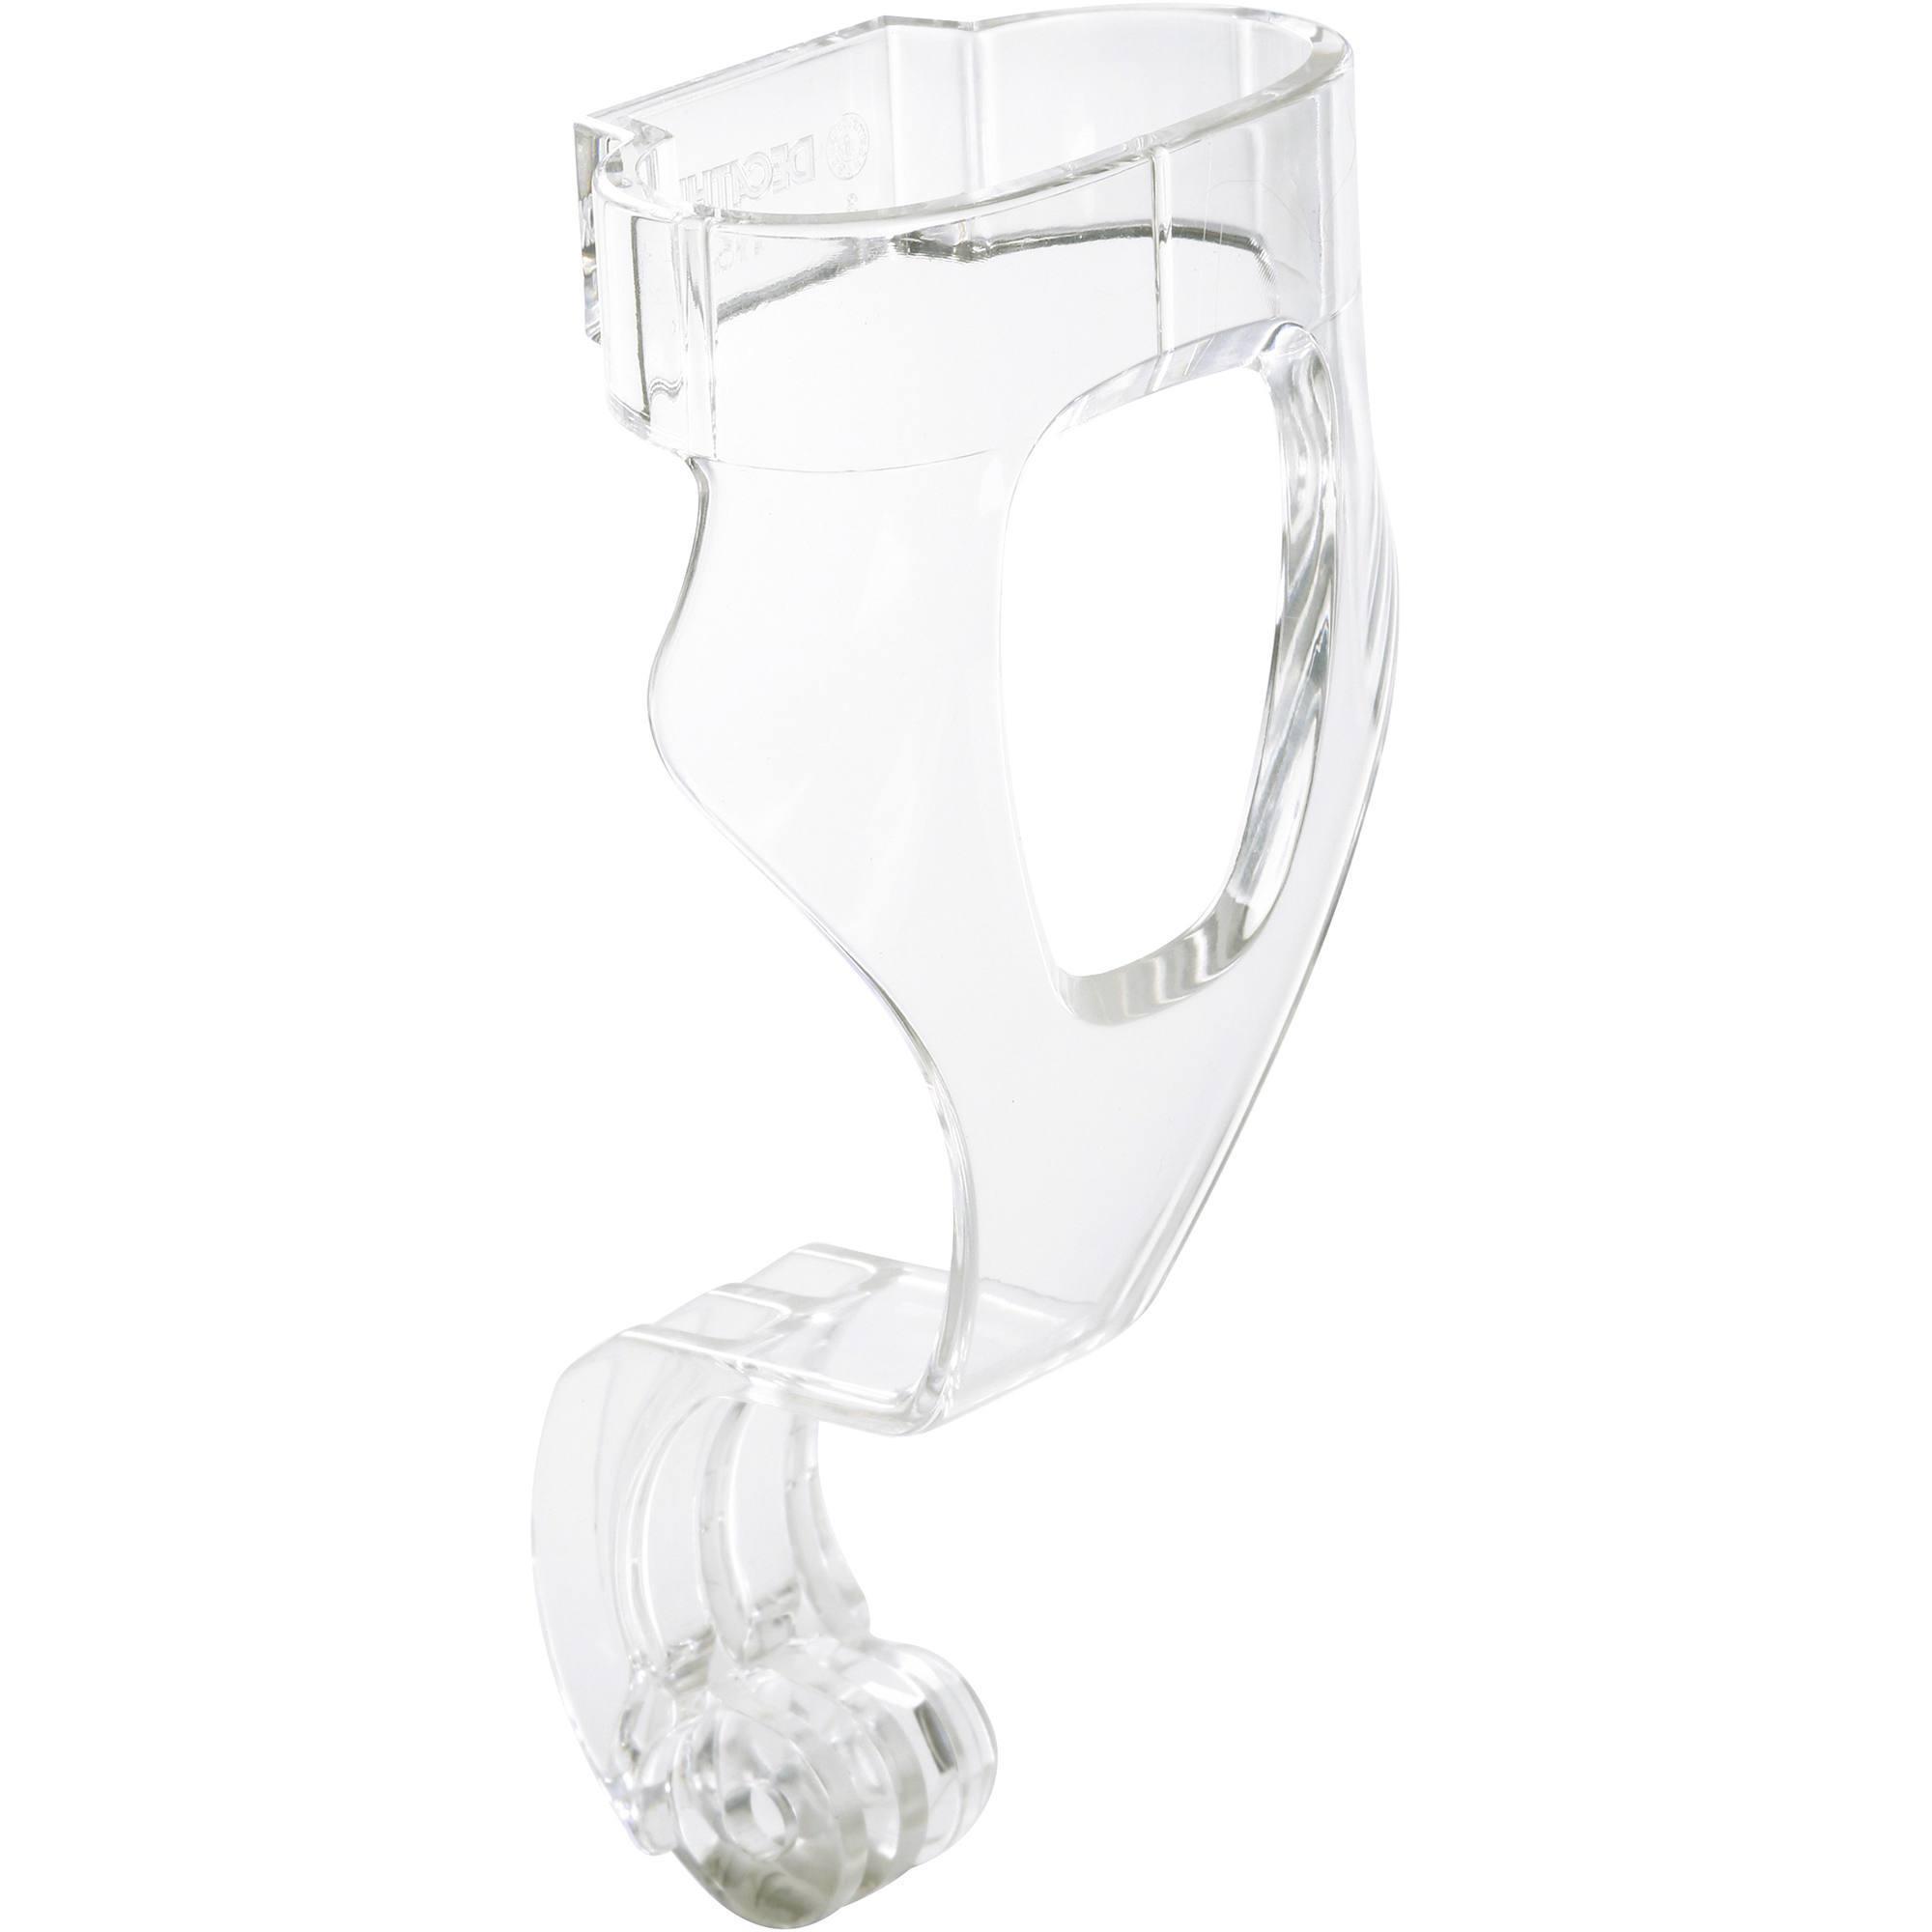 Fixation caméra pour le masque de snorkeling Easybreath transparent